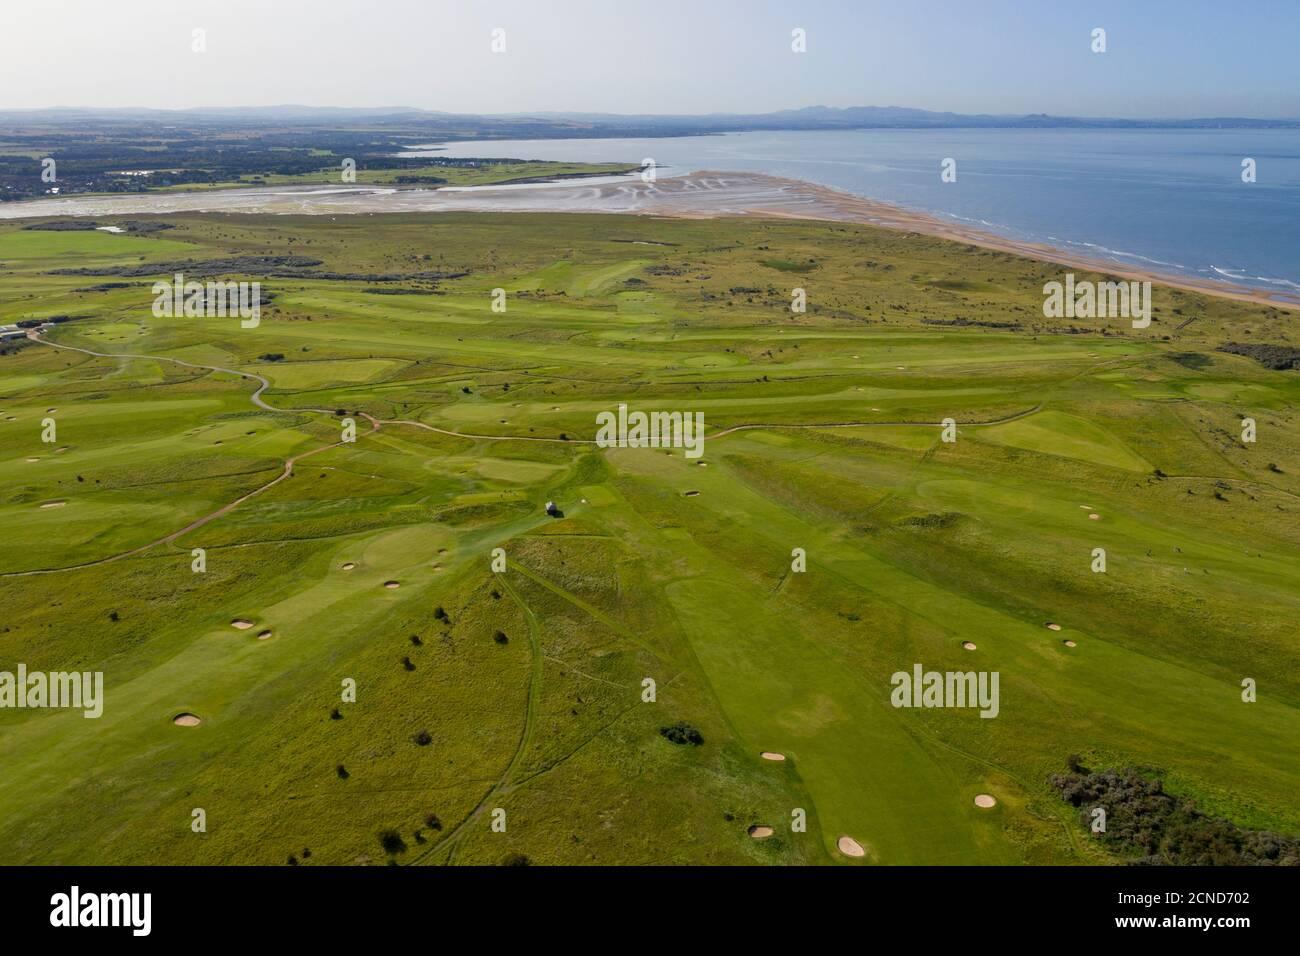 Vista aérea de los campos de golf de Gullane, Gullane 1 & 2, Gullane Hill, East Lothian, Escocia. Foto de stock